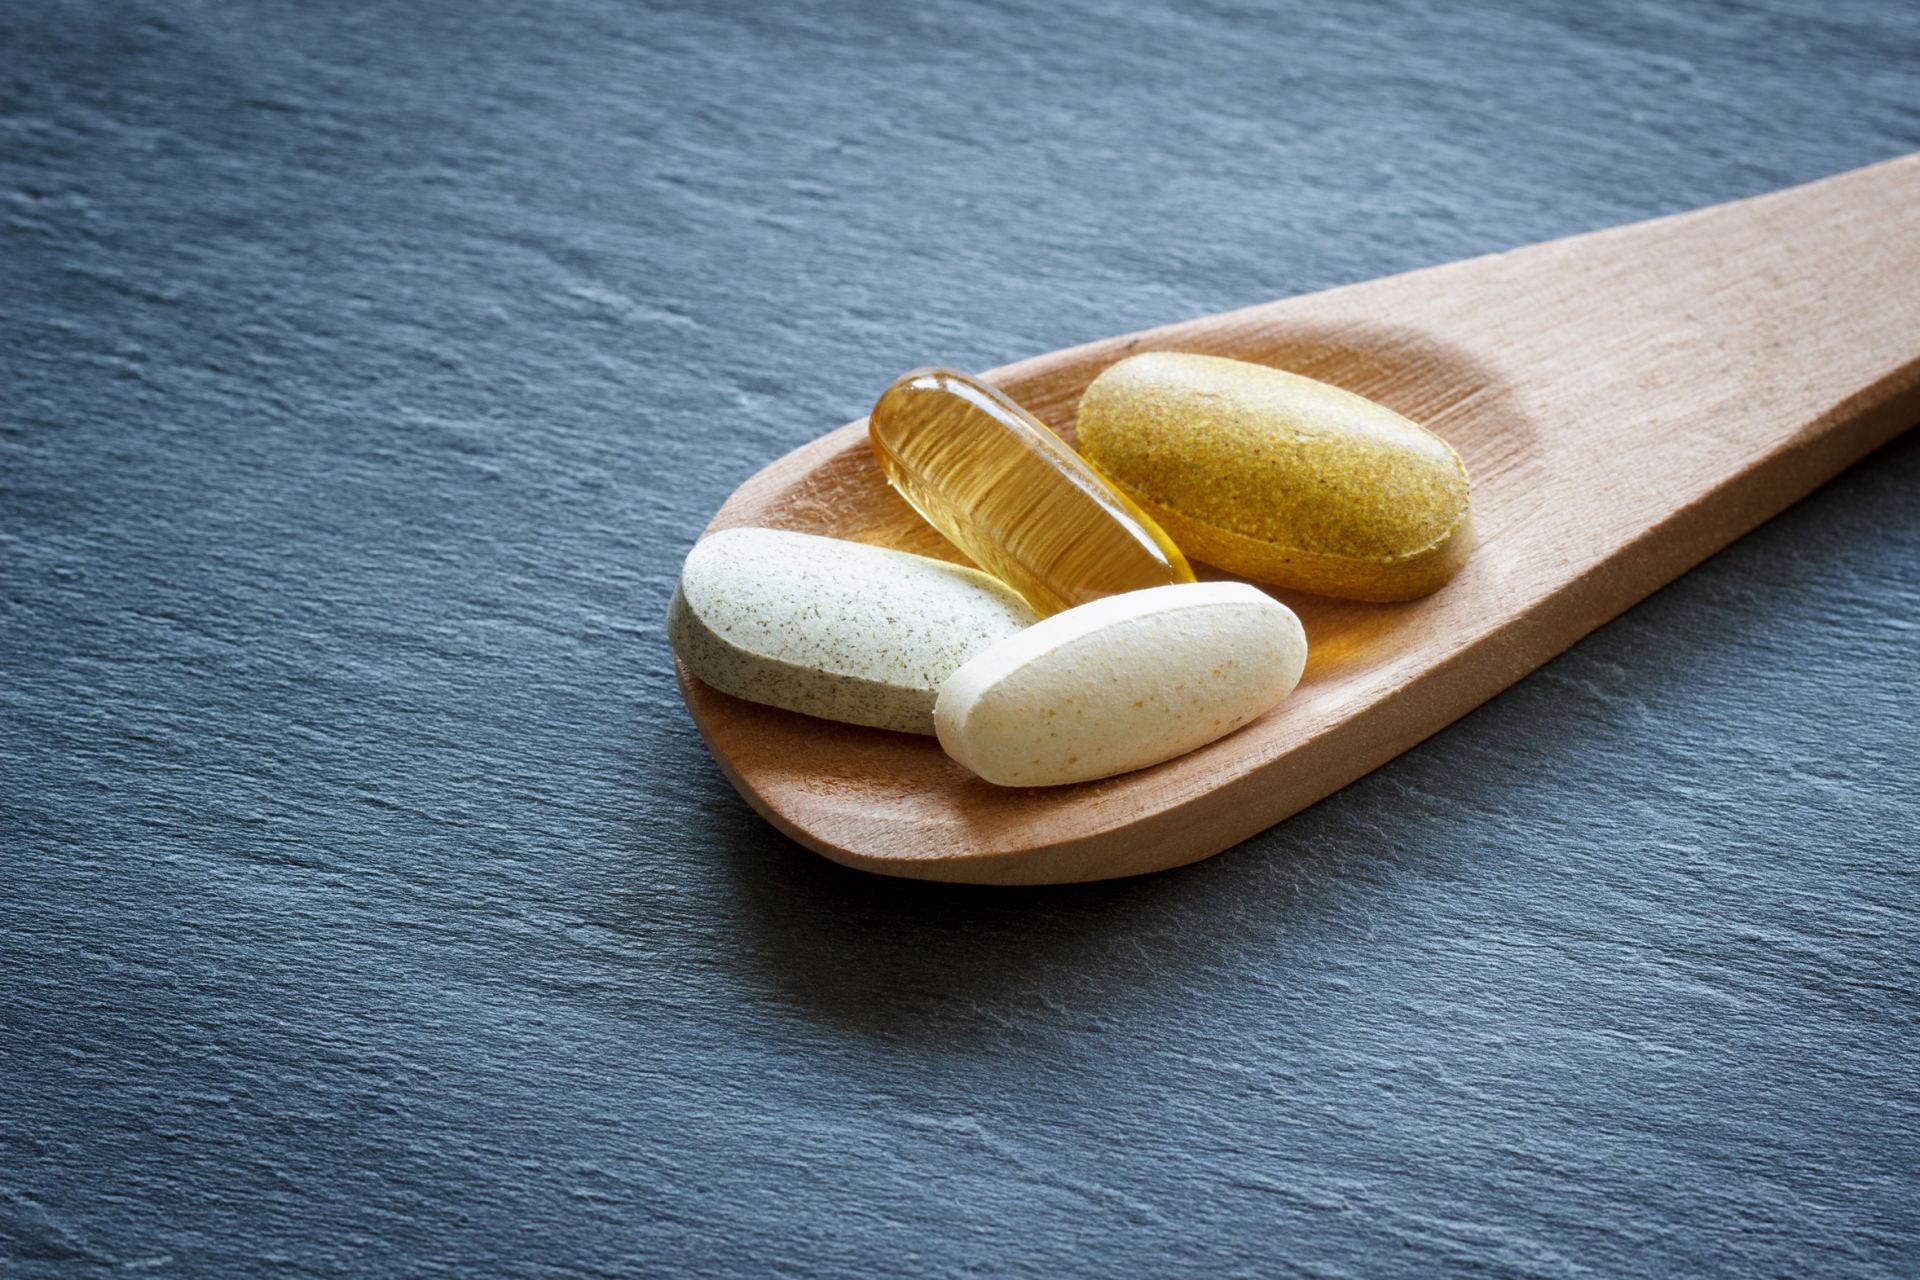 Specialistė paaiškino, kada vitaminai gali atnešti daugiau žalos nei naudos